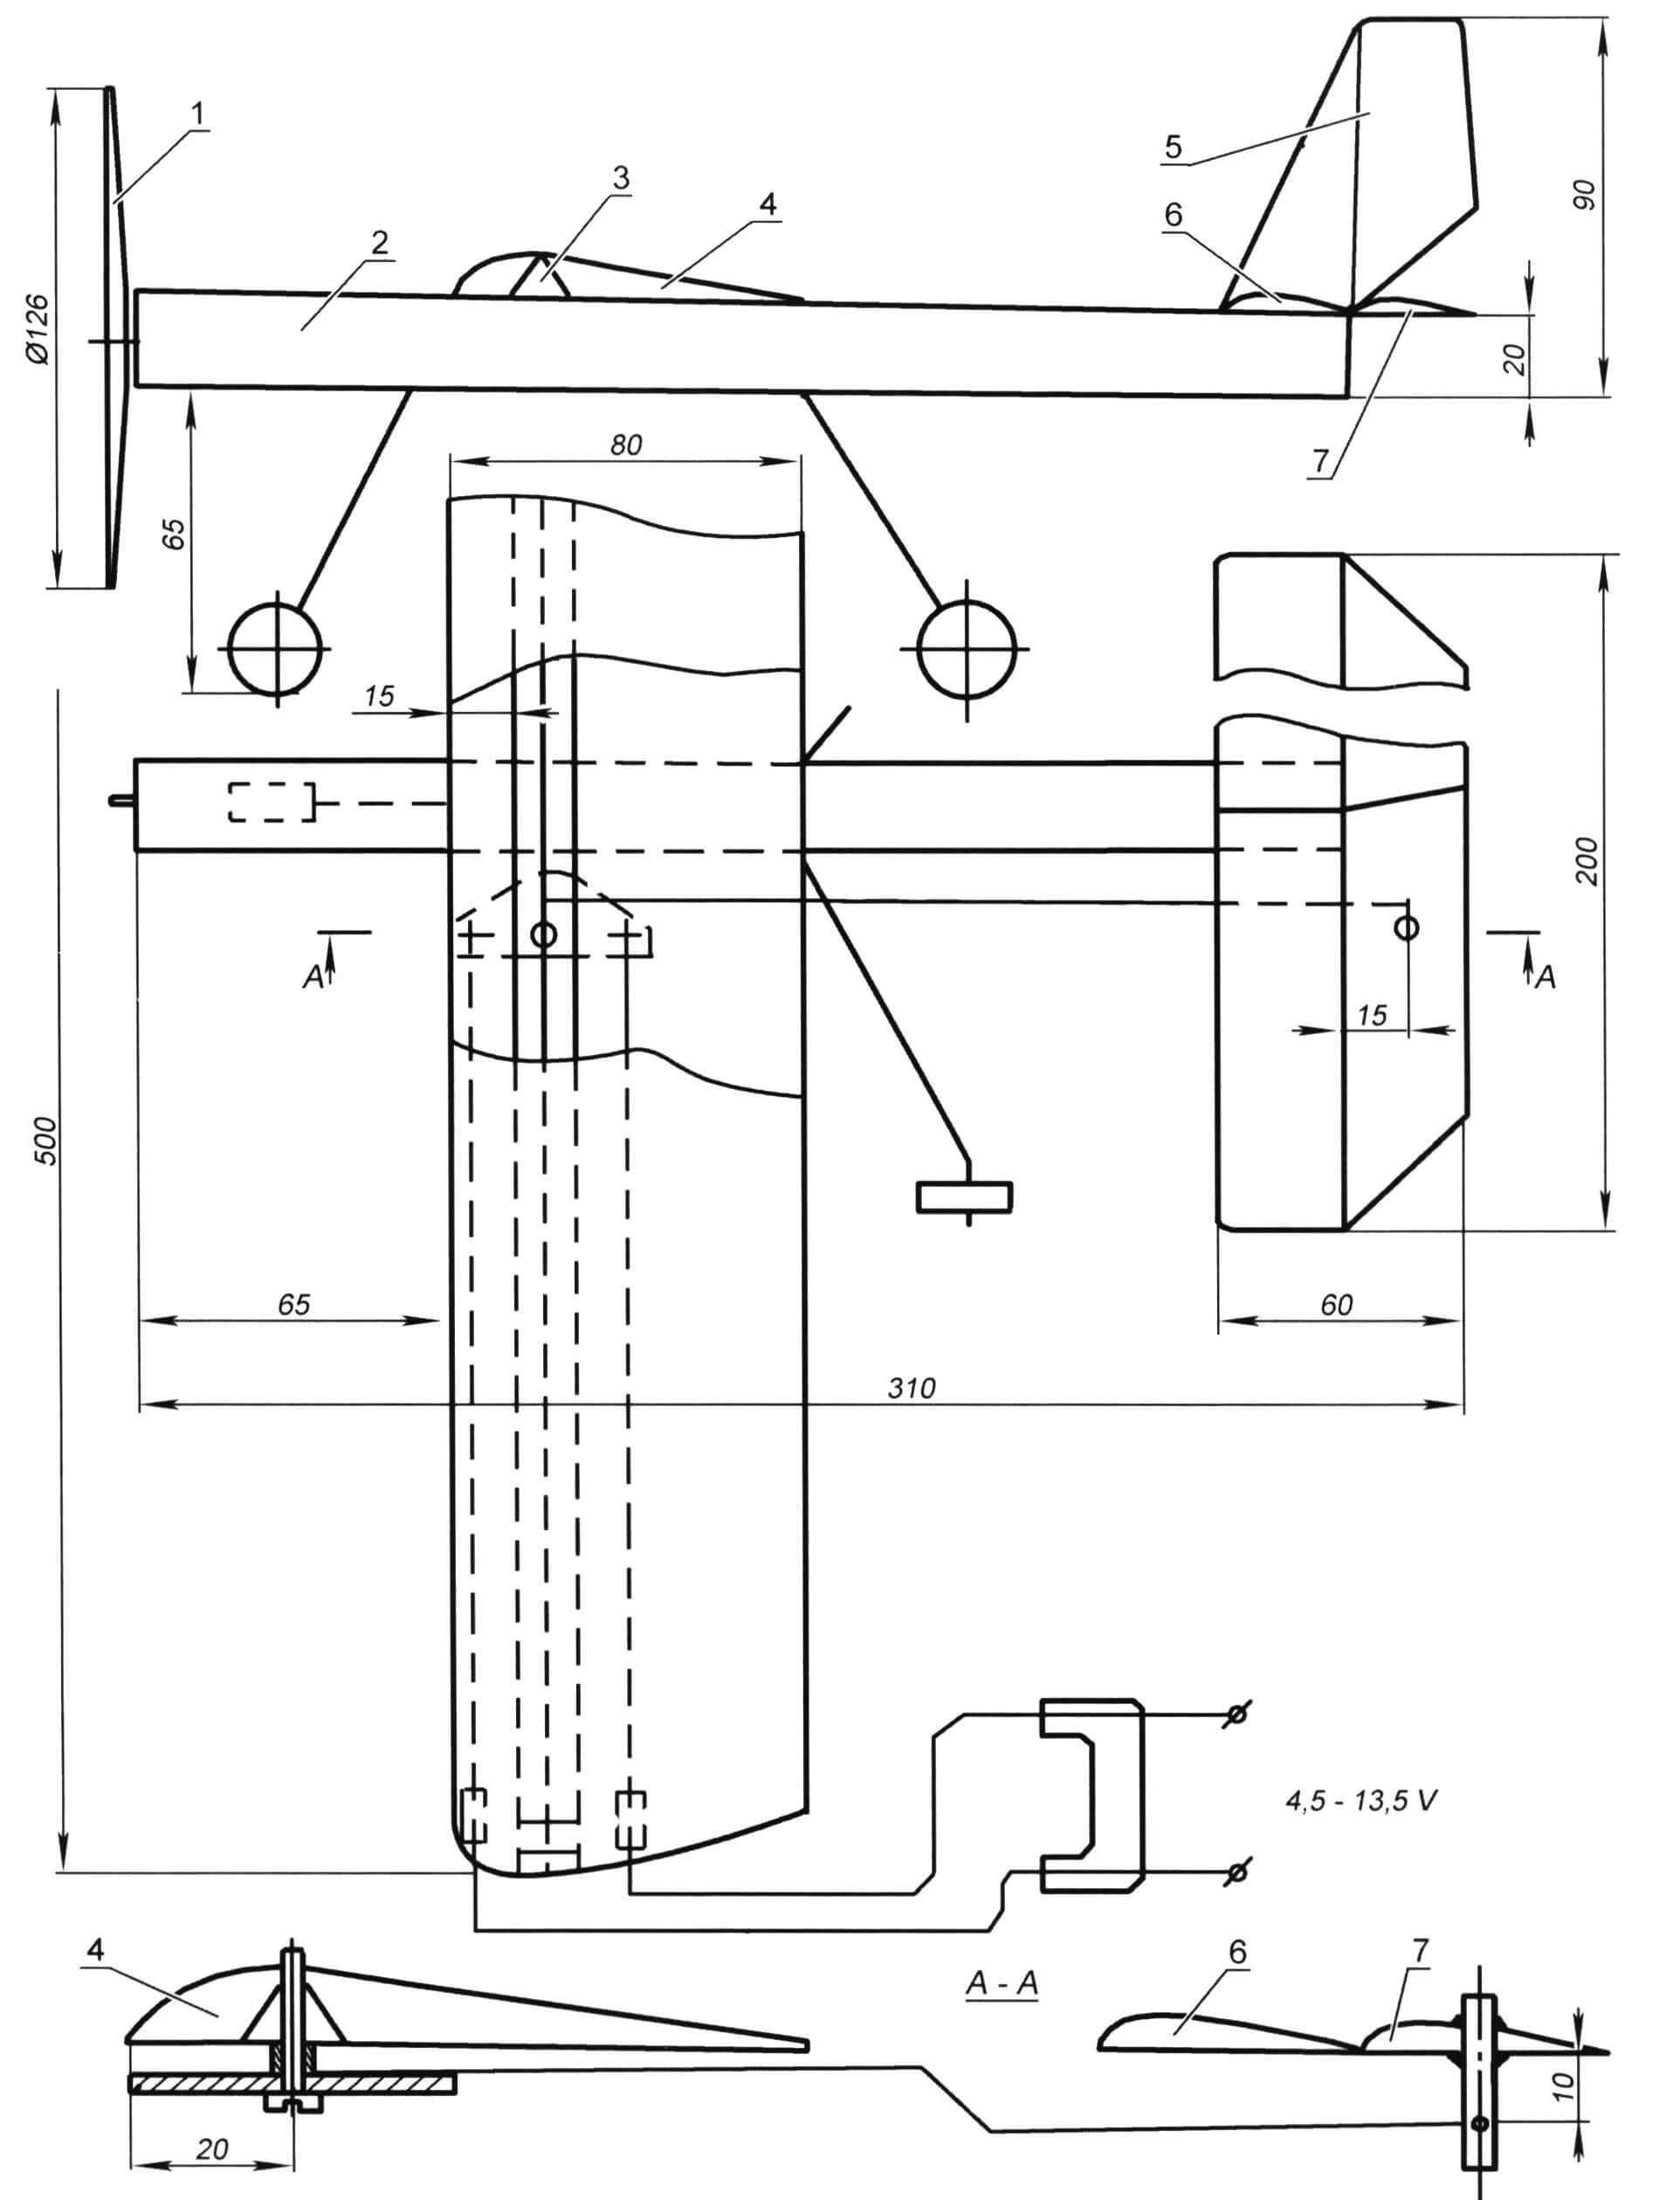 Кордовая модель из бумаги: 1 - пропеллер; 2 - фюзеляж; 3 - лонжерон; 4 - крыло; 5 - вертикальное оперение; 6 - стабилизатор; 7 - руль высоты